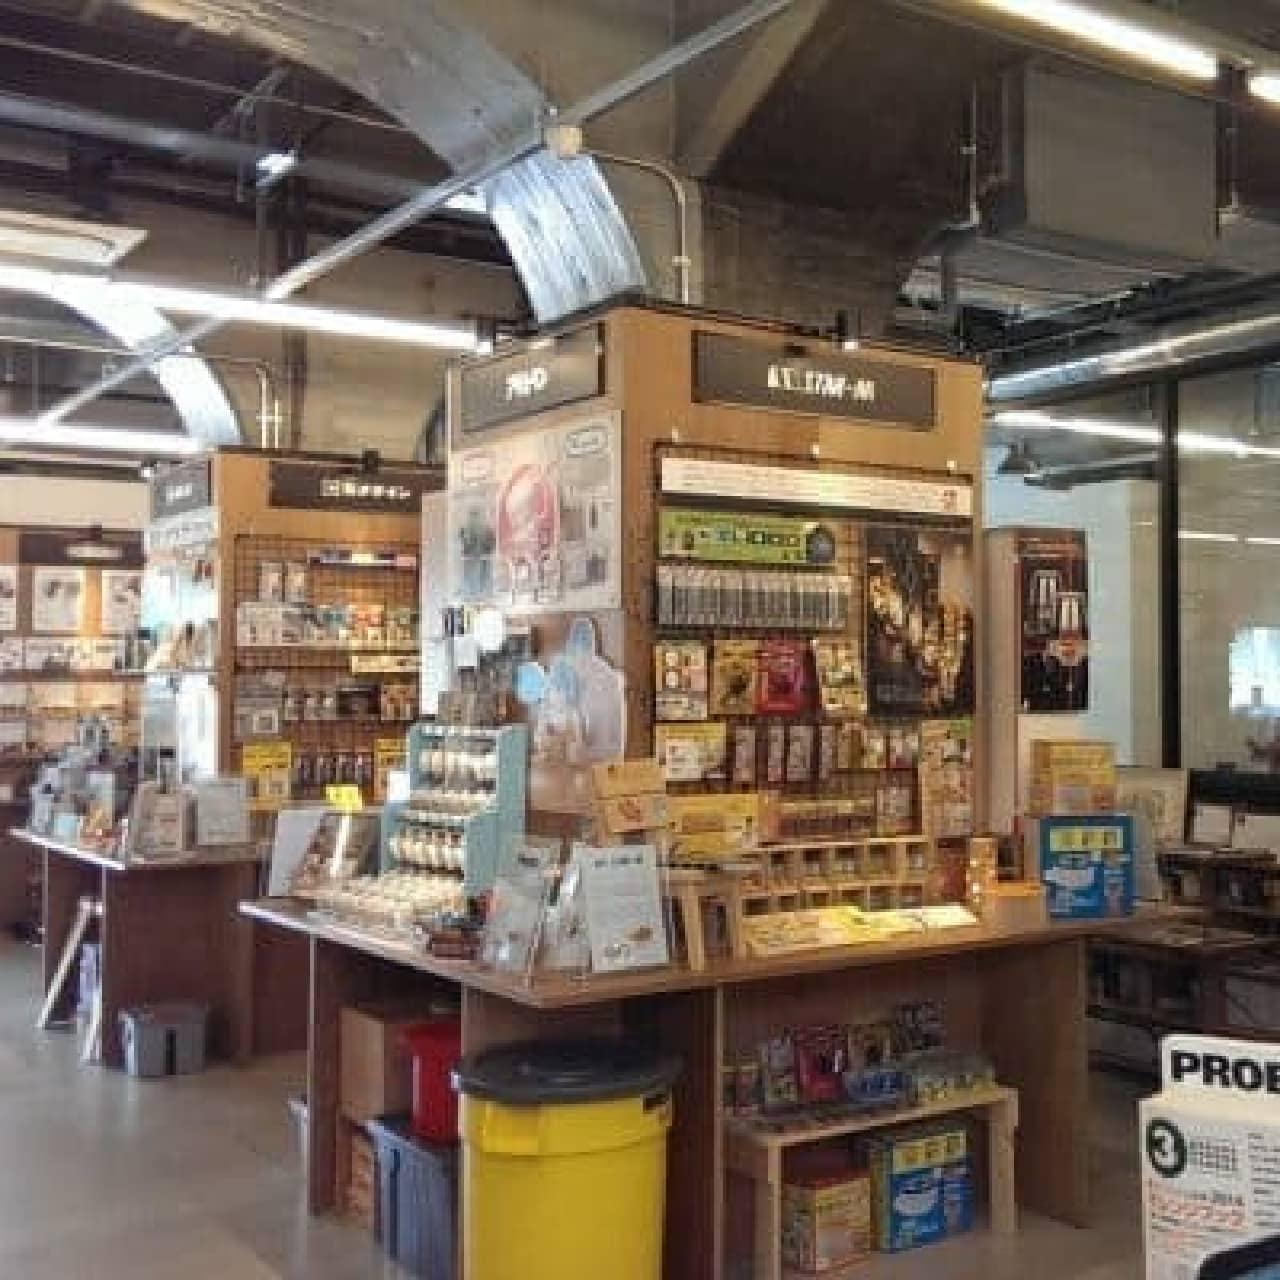 「DIY FACTORY OSAKA」店内の様子  (出典:DIY FACTORY OSAKA 公式サイト)